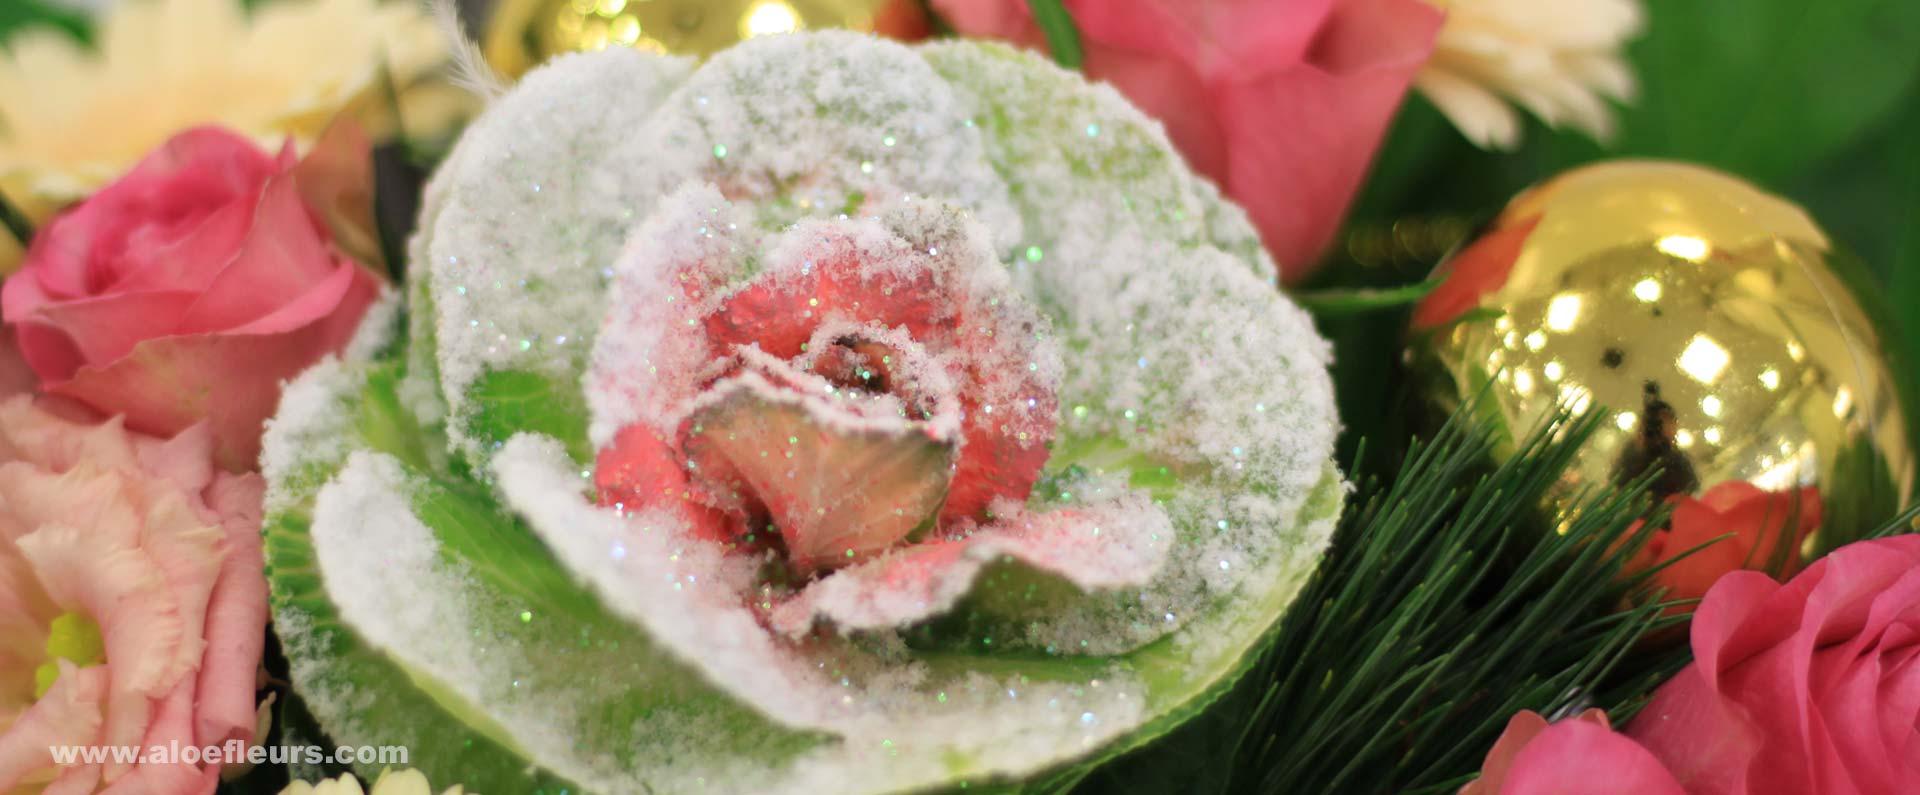 banner-bouquet--de-fleurs-fin-d'année-aloé-fleurs-forbach.jpg